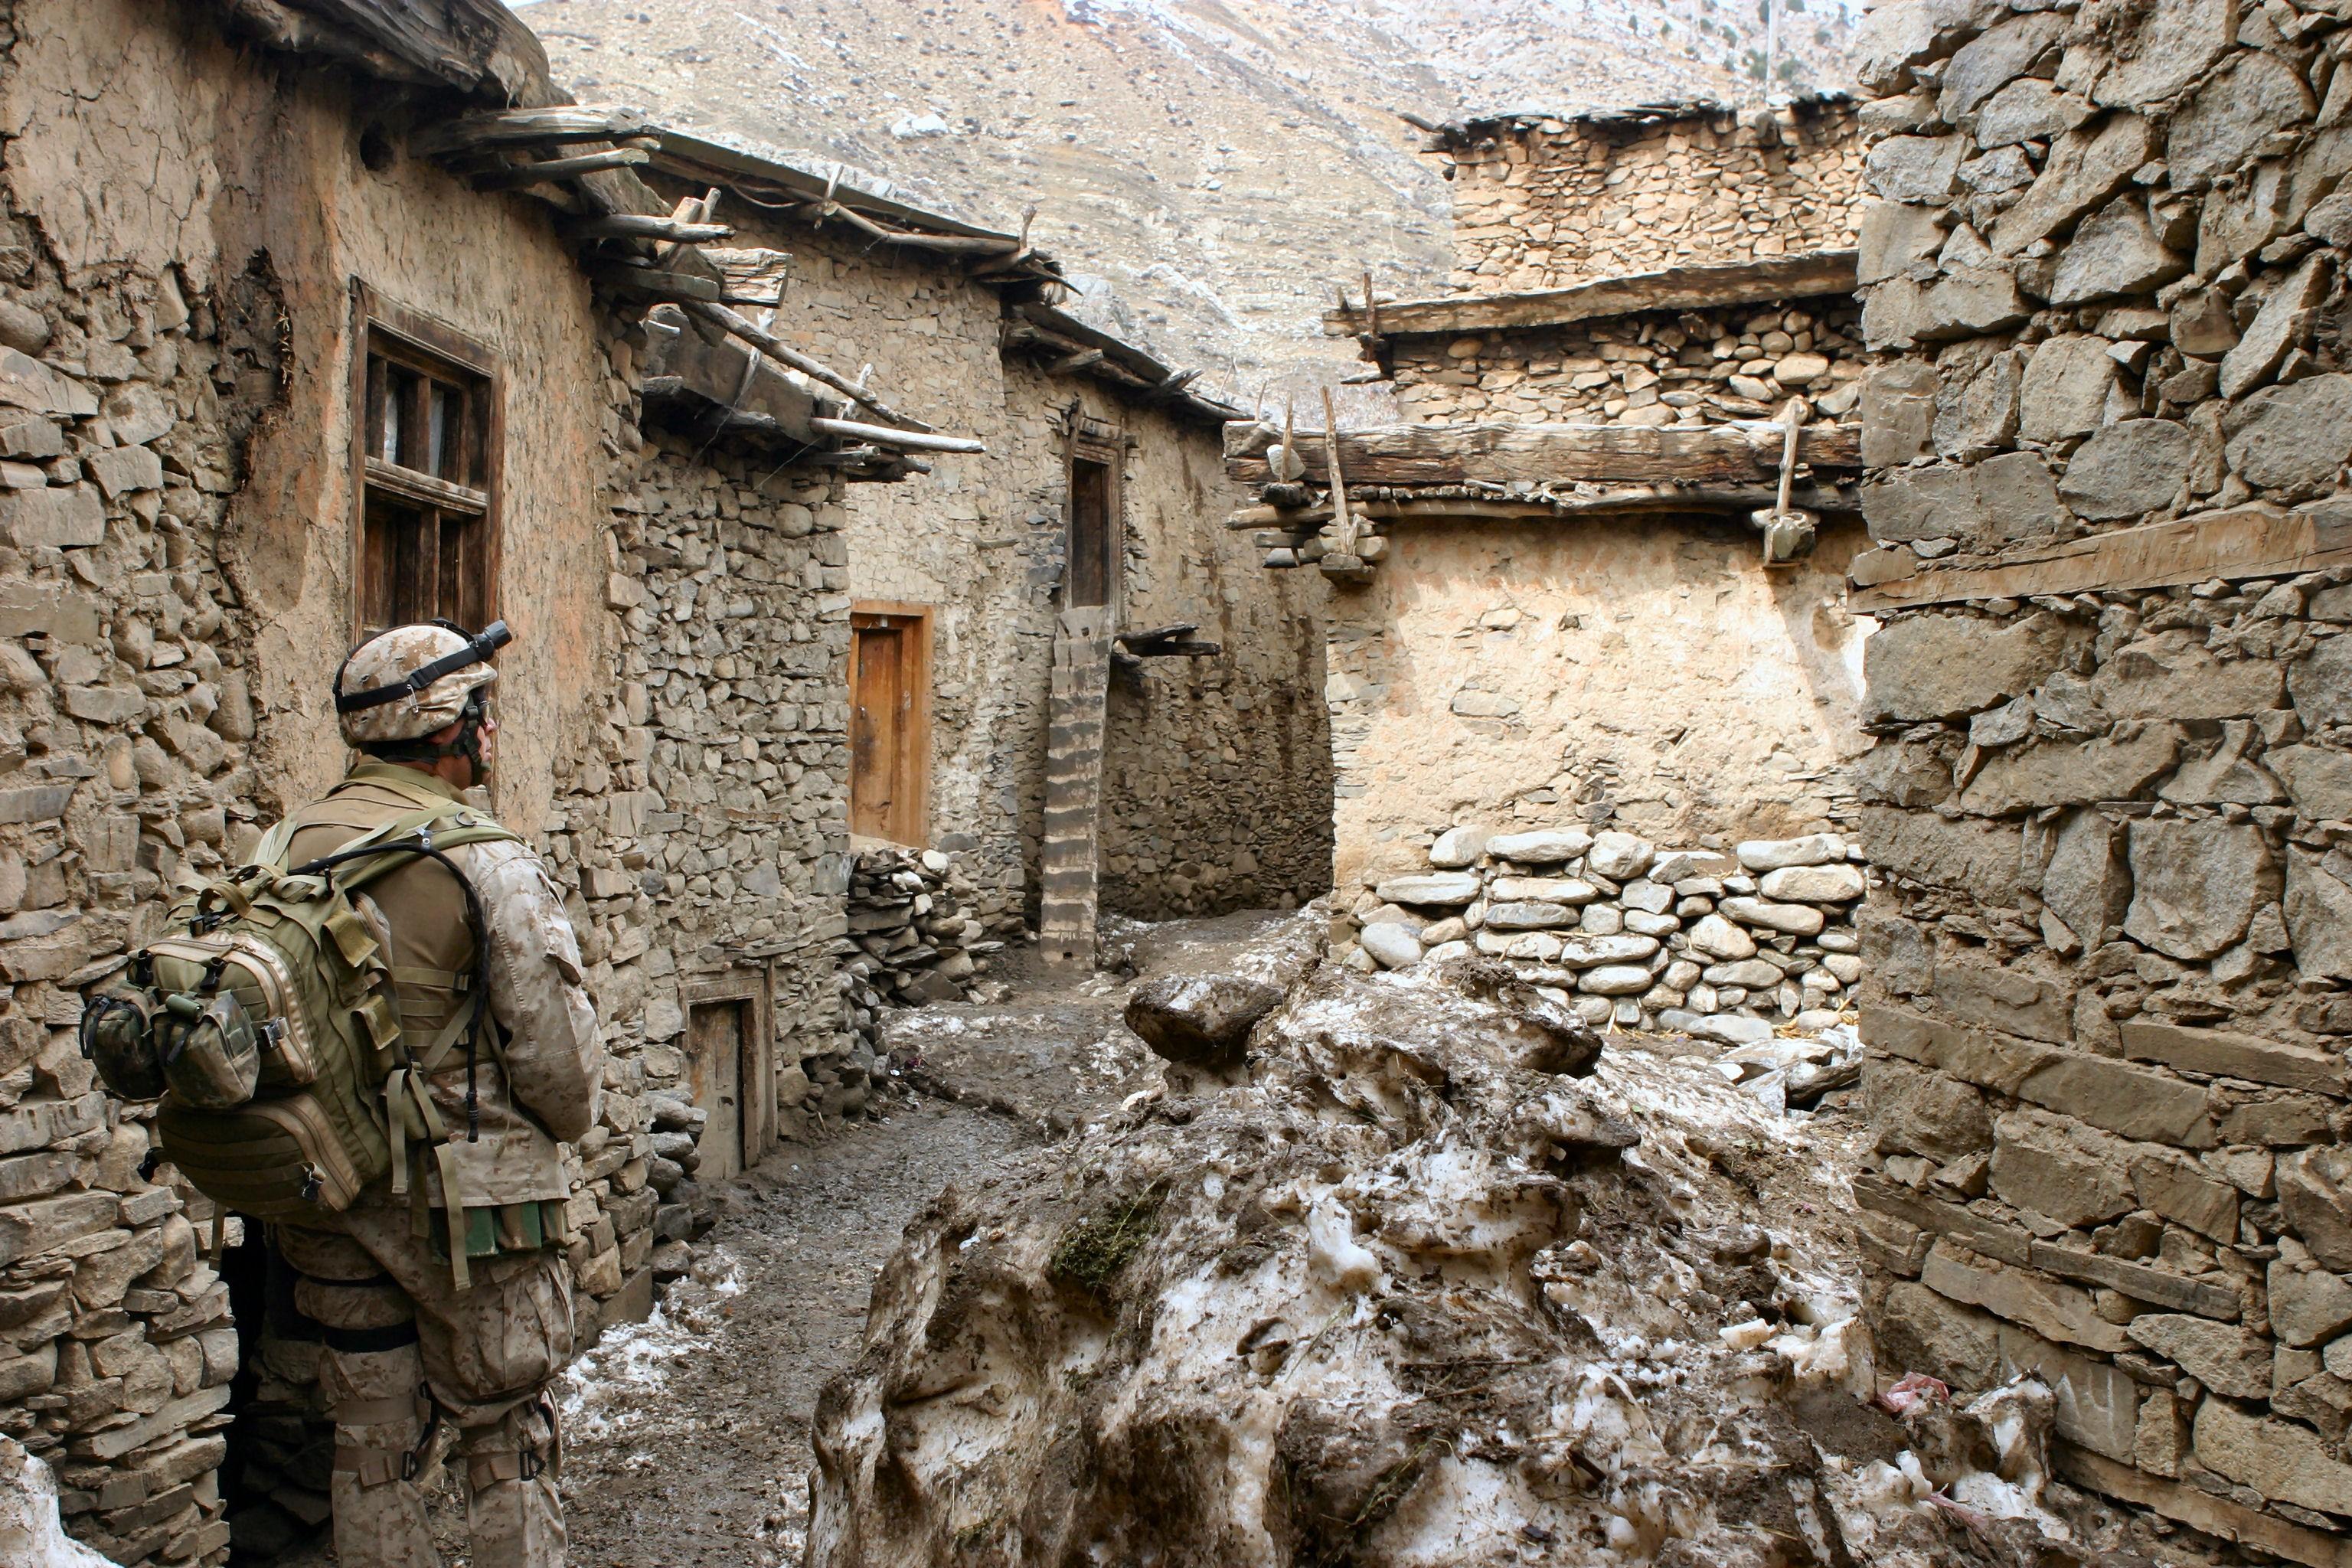 Soldados norte-americanos patrulham o Afeganistão (Foto: Wikimedia Commons)